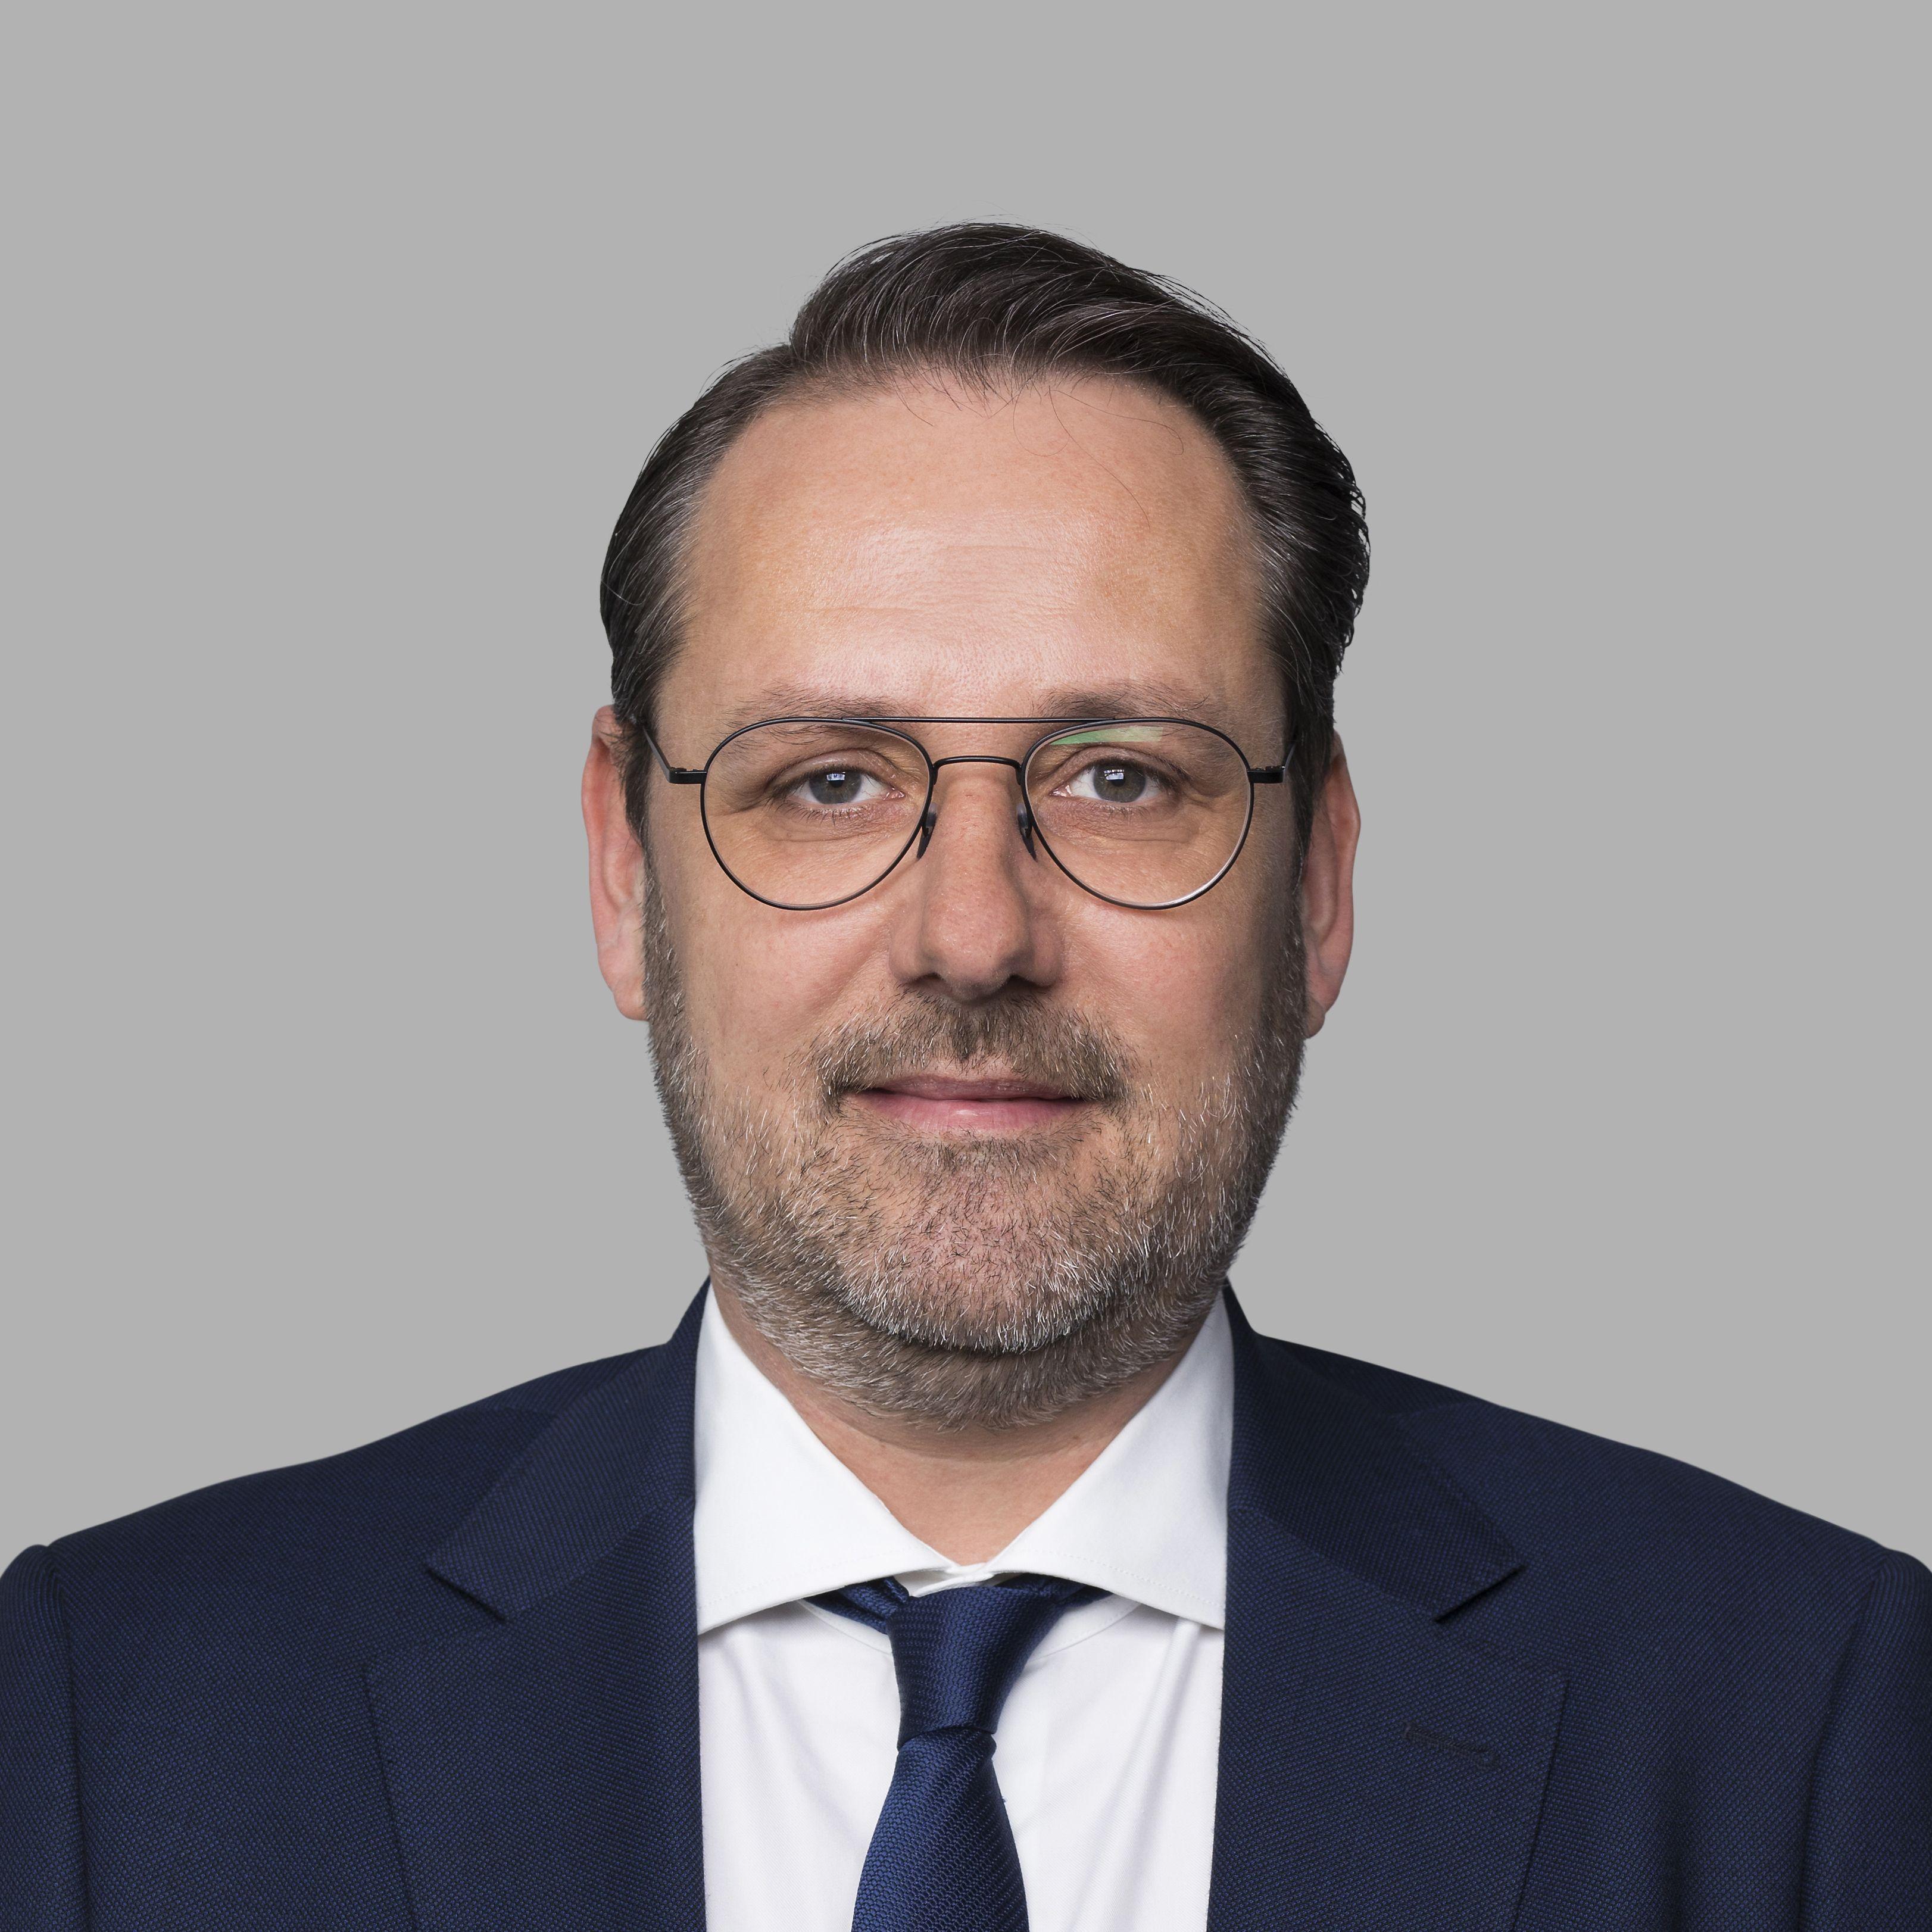 Bart Lodewijkx